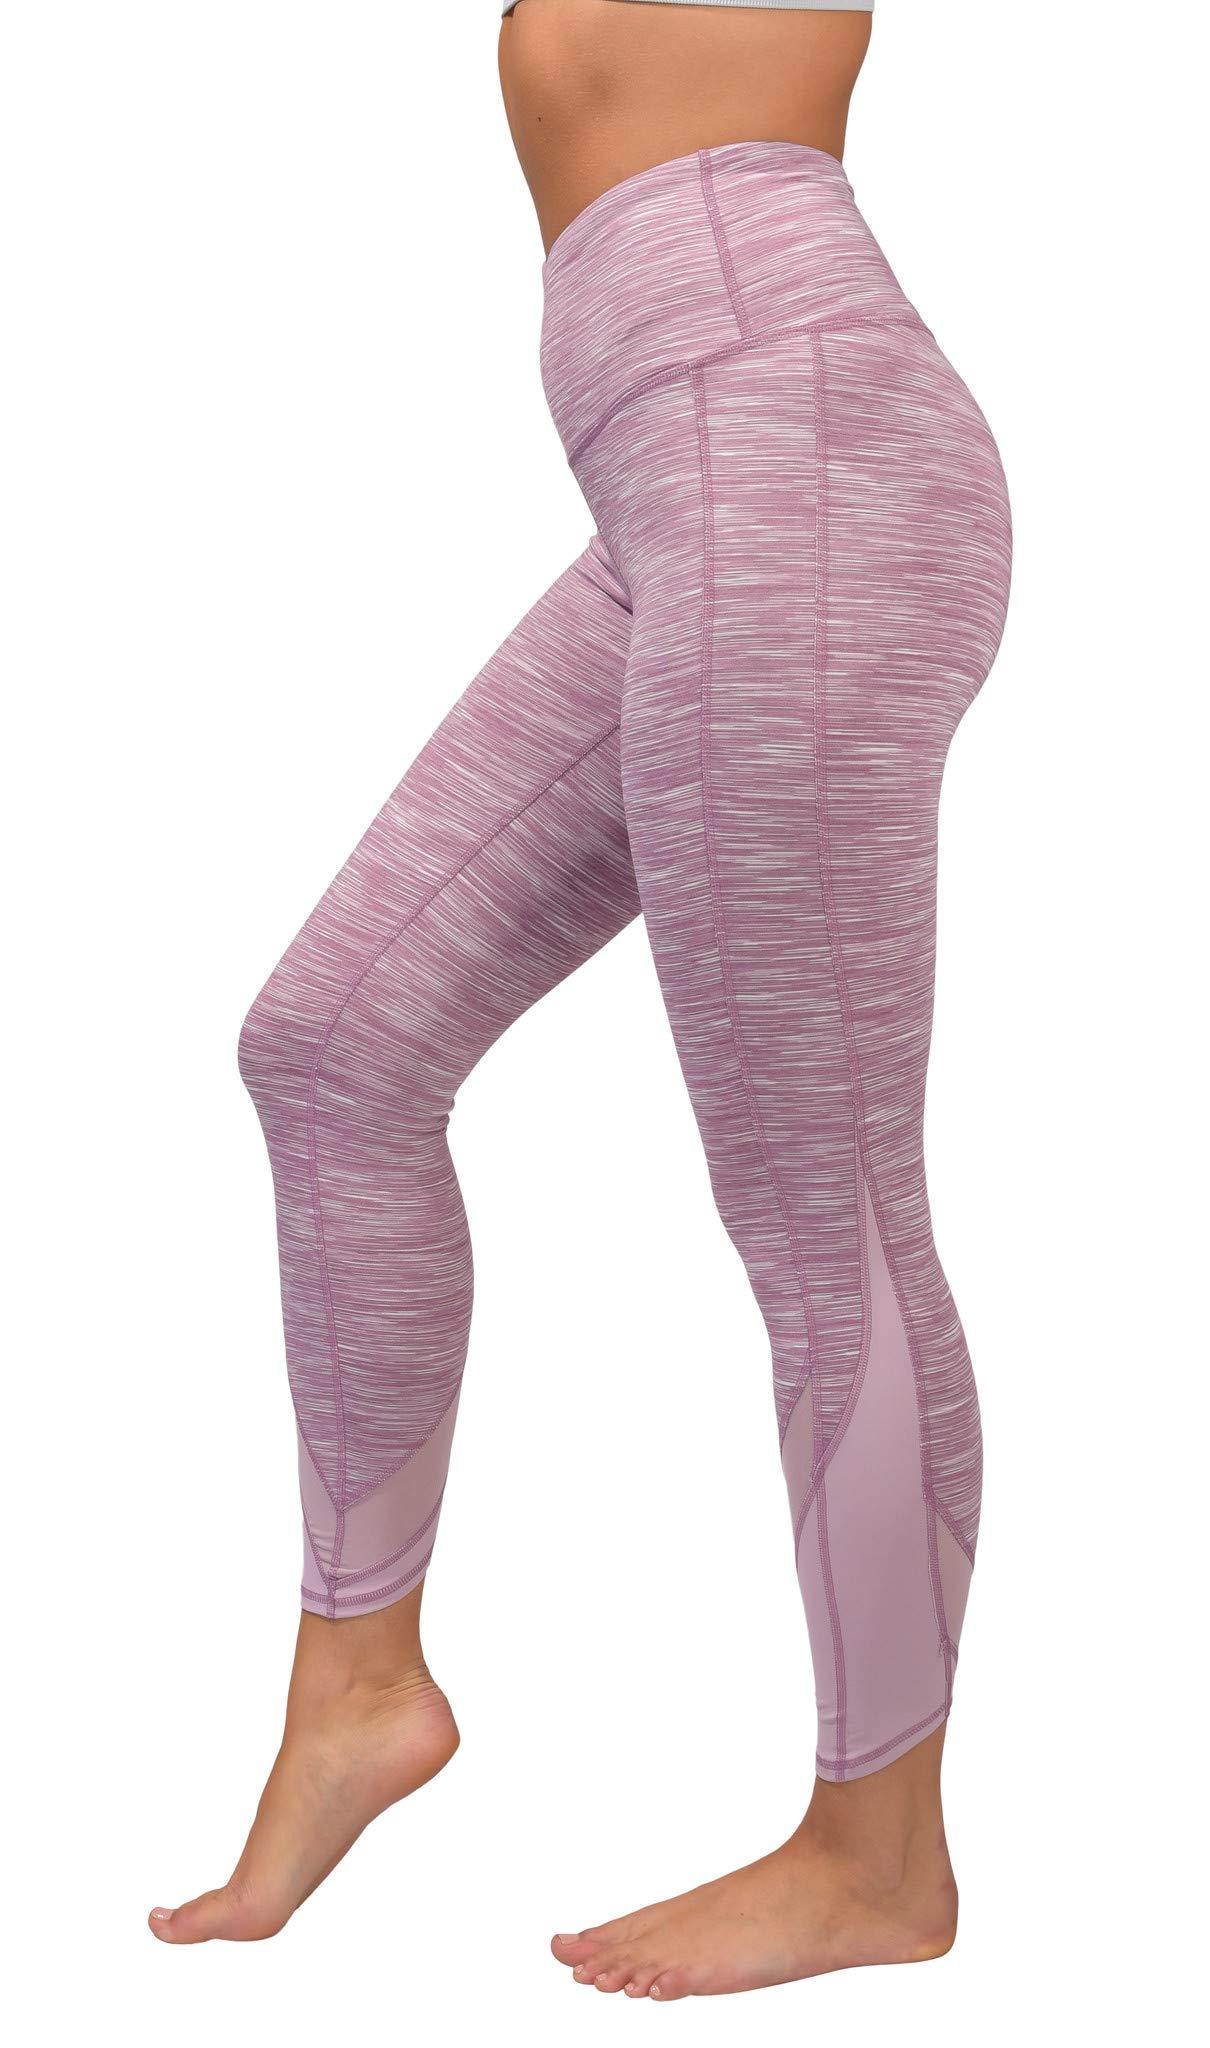 90 Degree By Reflex Women's Power Flex Yoga Pants - Dawn Pink Space Dye - Small by 90 Degree By Reflex